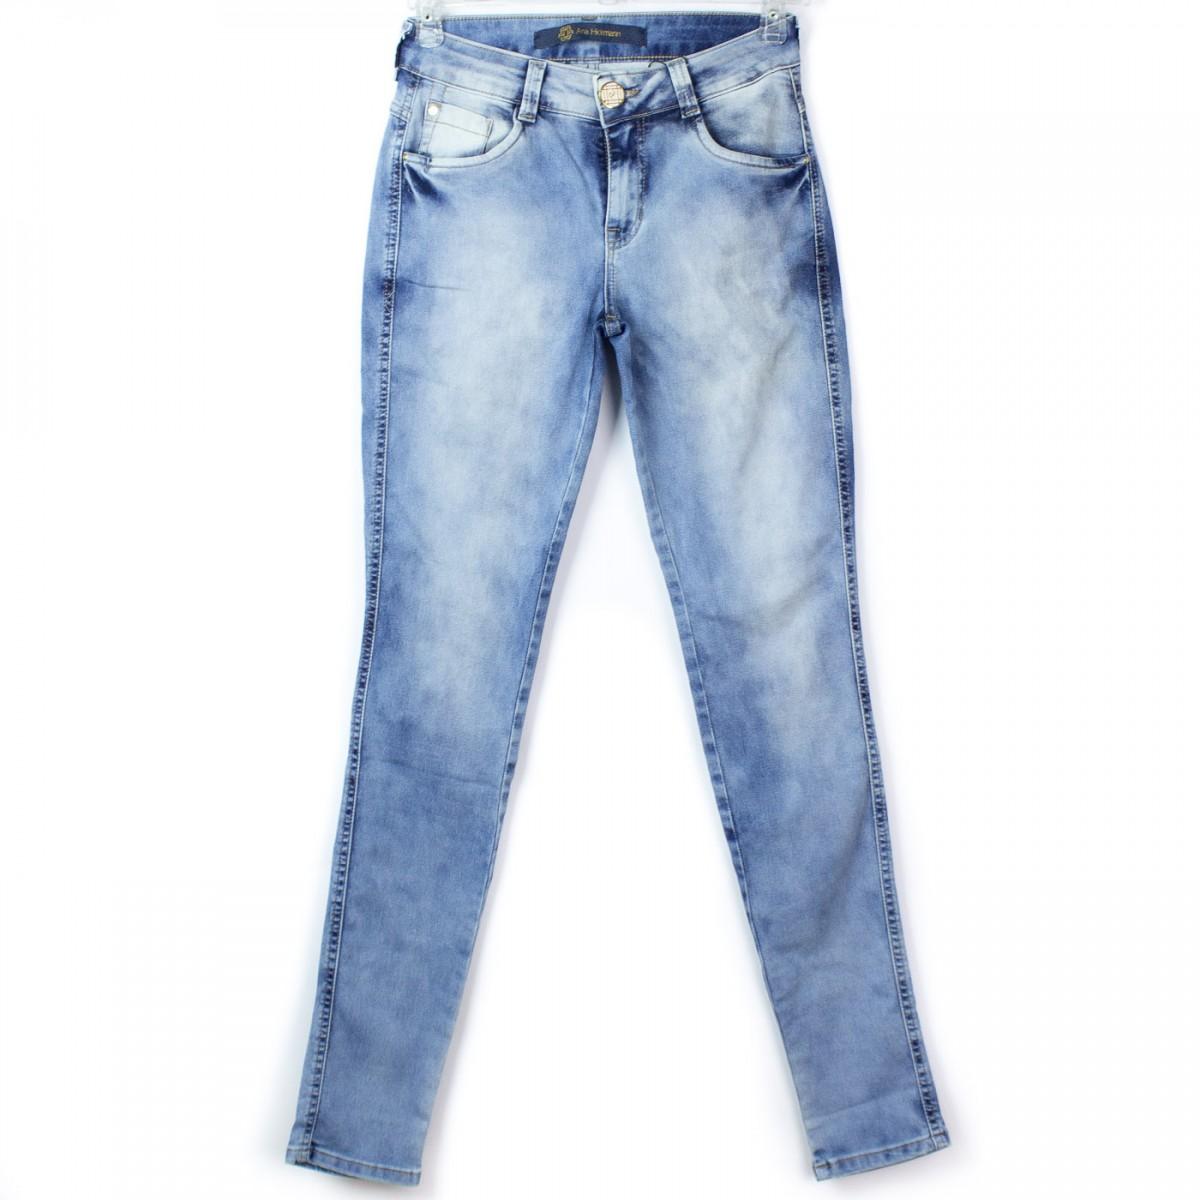 357ae214ac078 Imagem - Calça Jeans Ana Hickmann Skinny Ah1012 - 044223